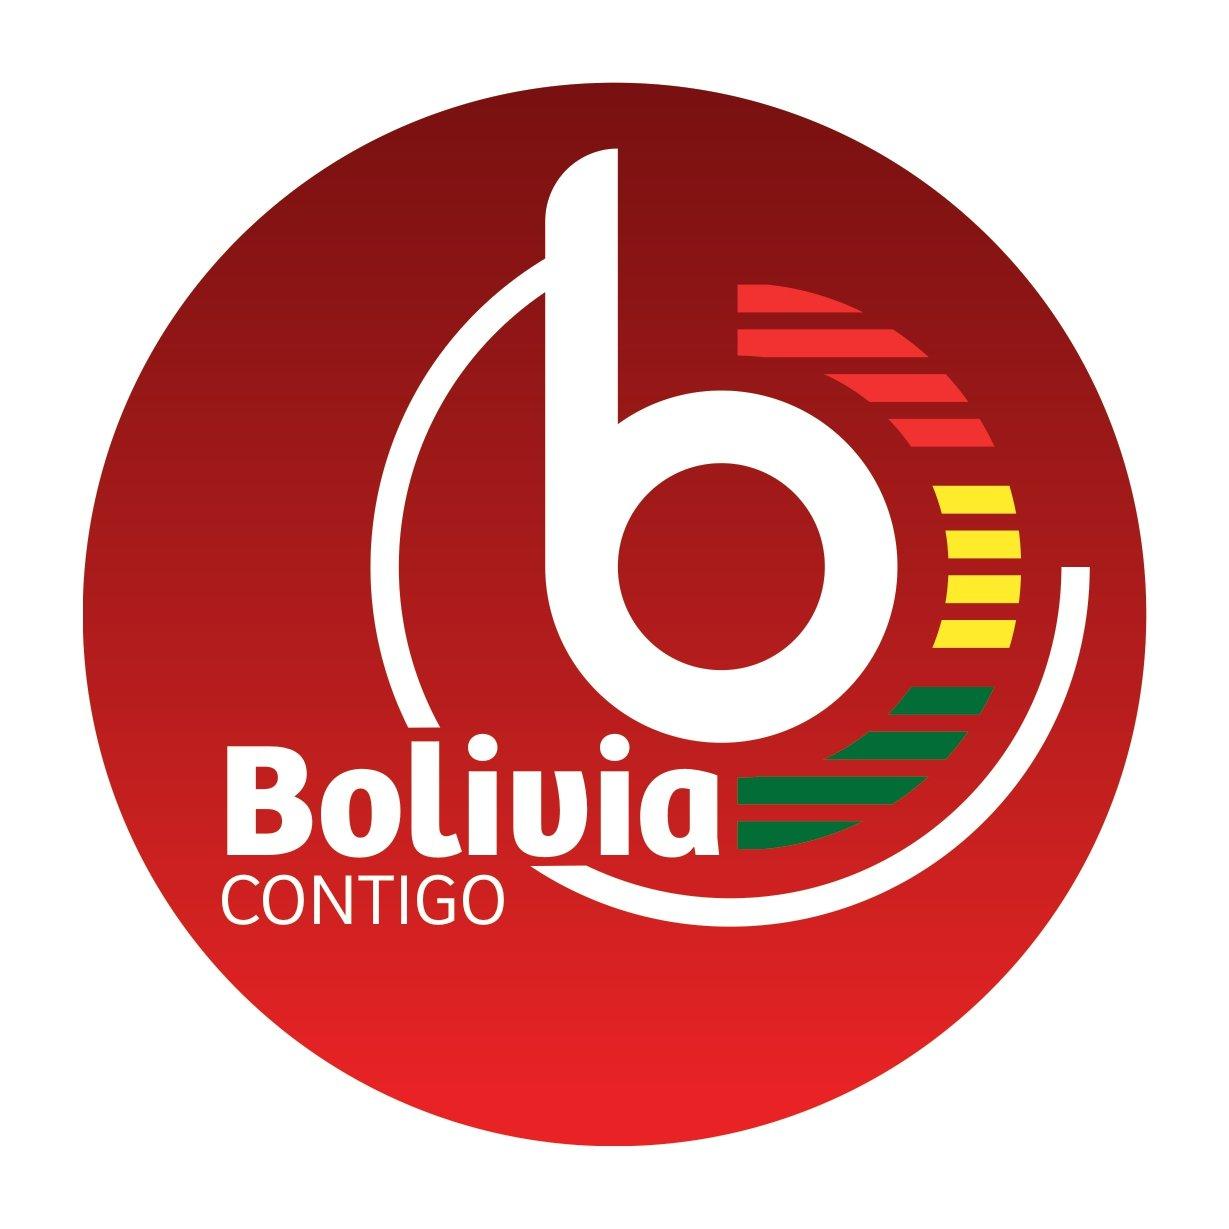 LOGO BOLIVIA CONTIGO CIRCULAR